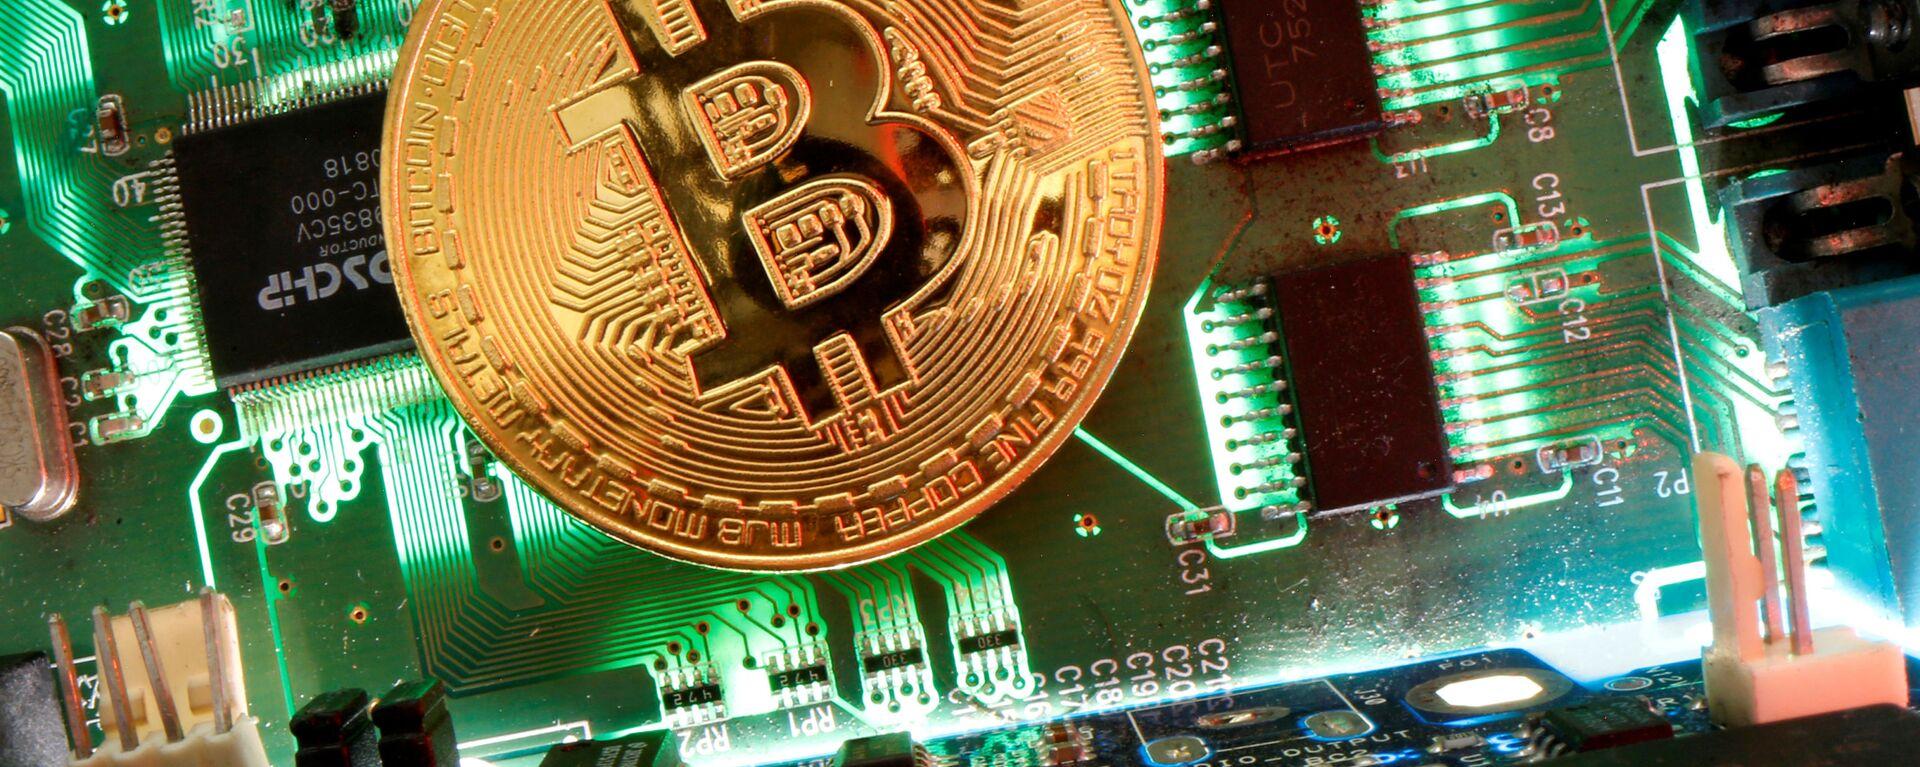 Bitcoin - Sputnik Italia, 1920, 01.04.2021